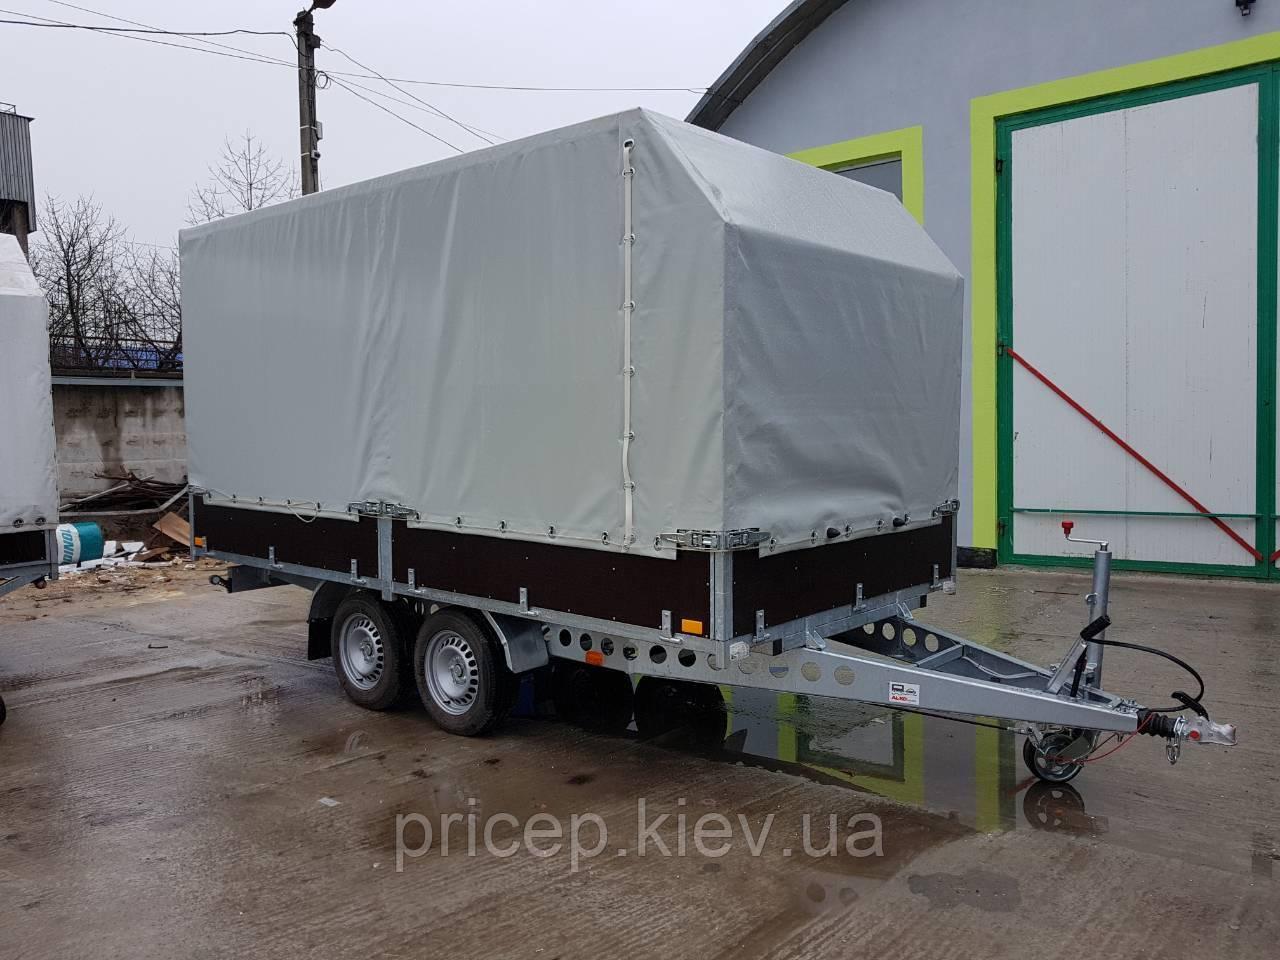 Причіп для перевезення негабаритних вантажів з бортами тентованый. Два гальмівних торсиона 1500кг.